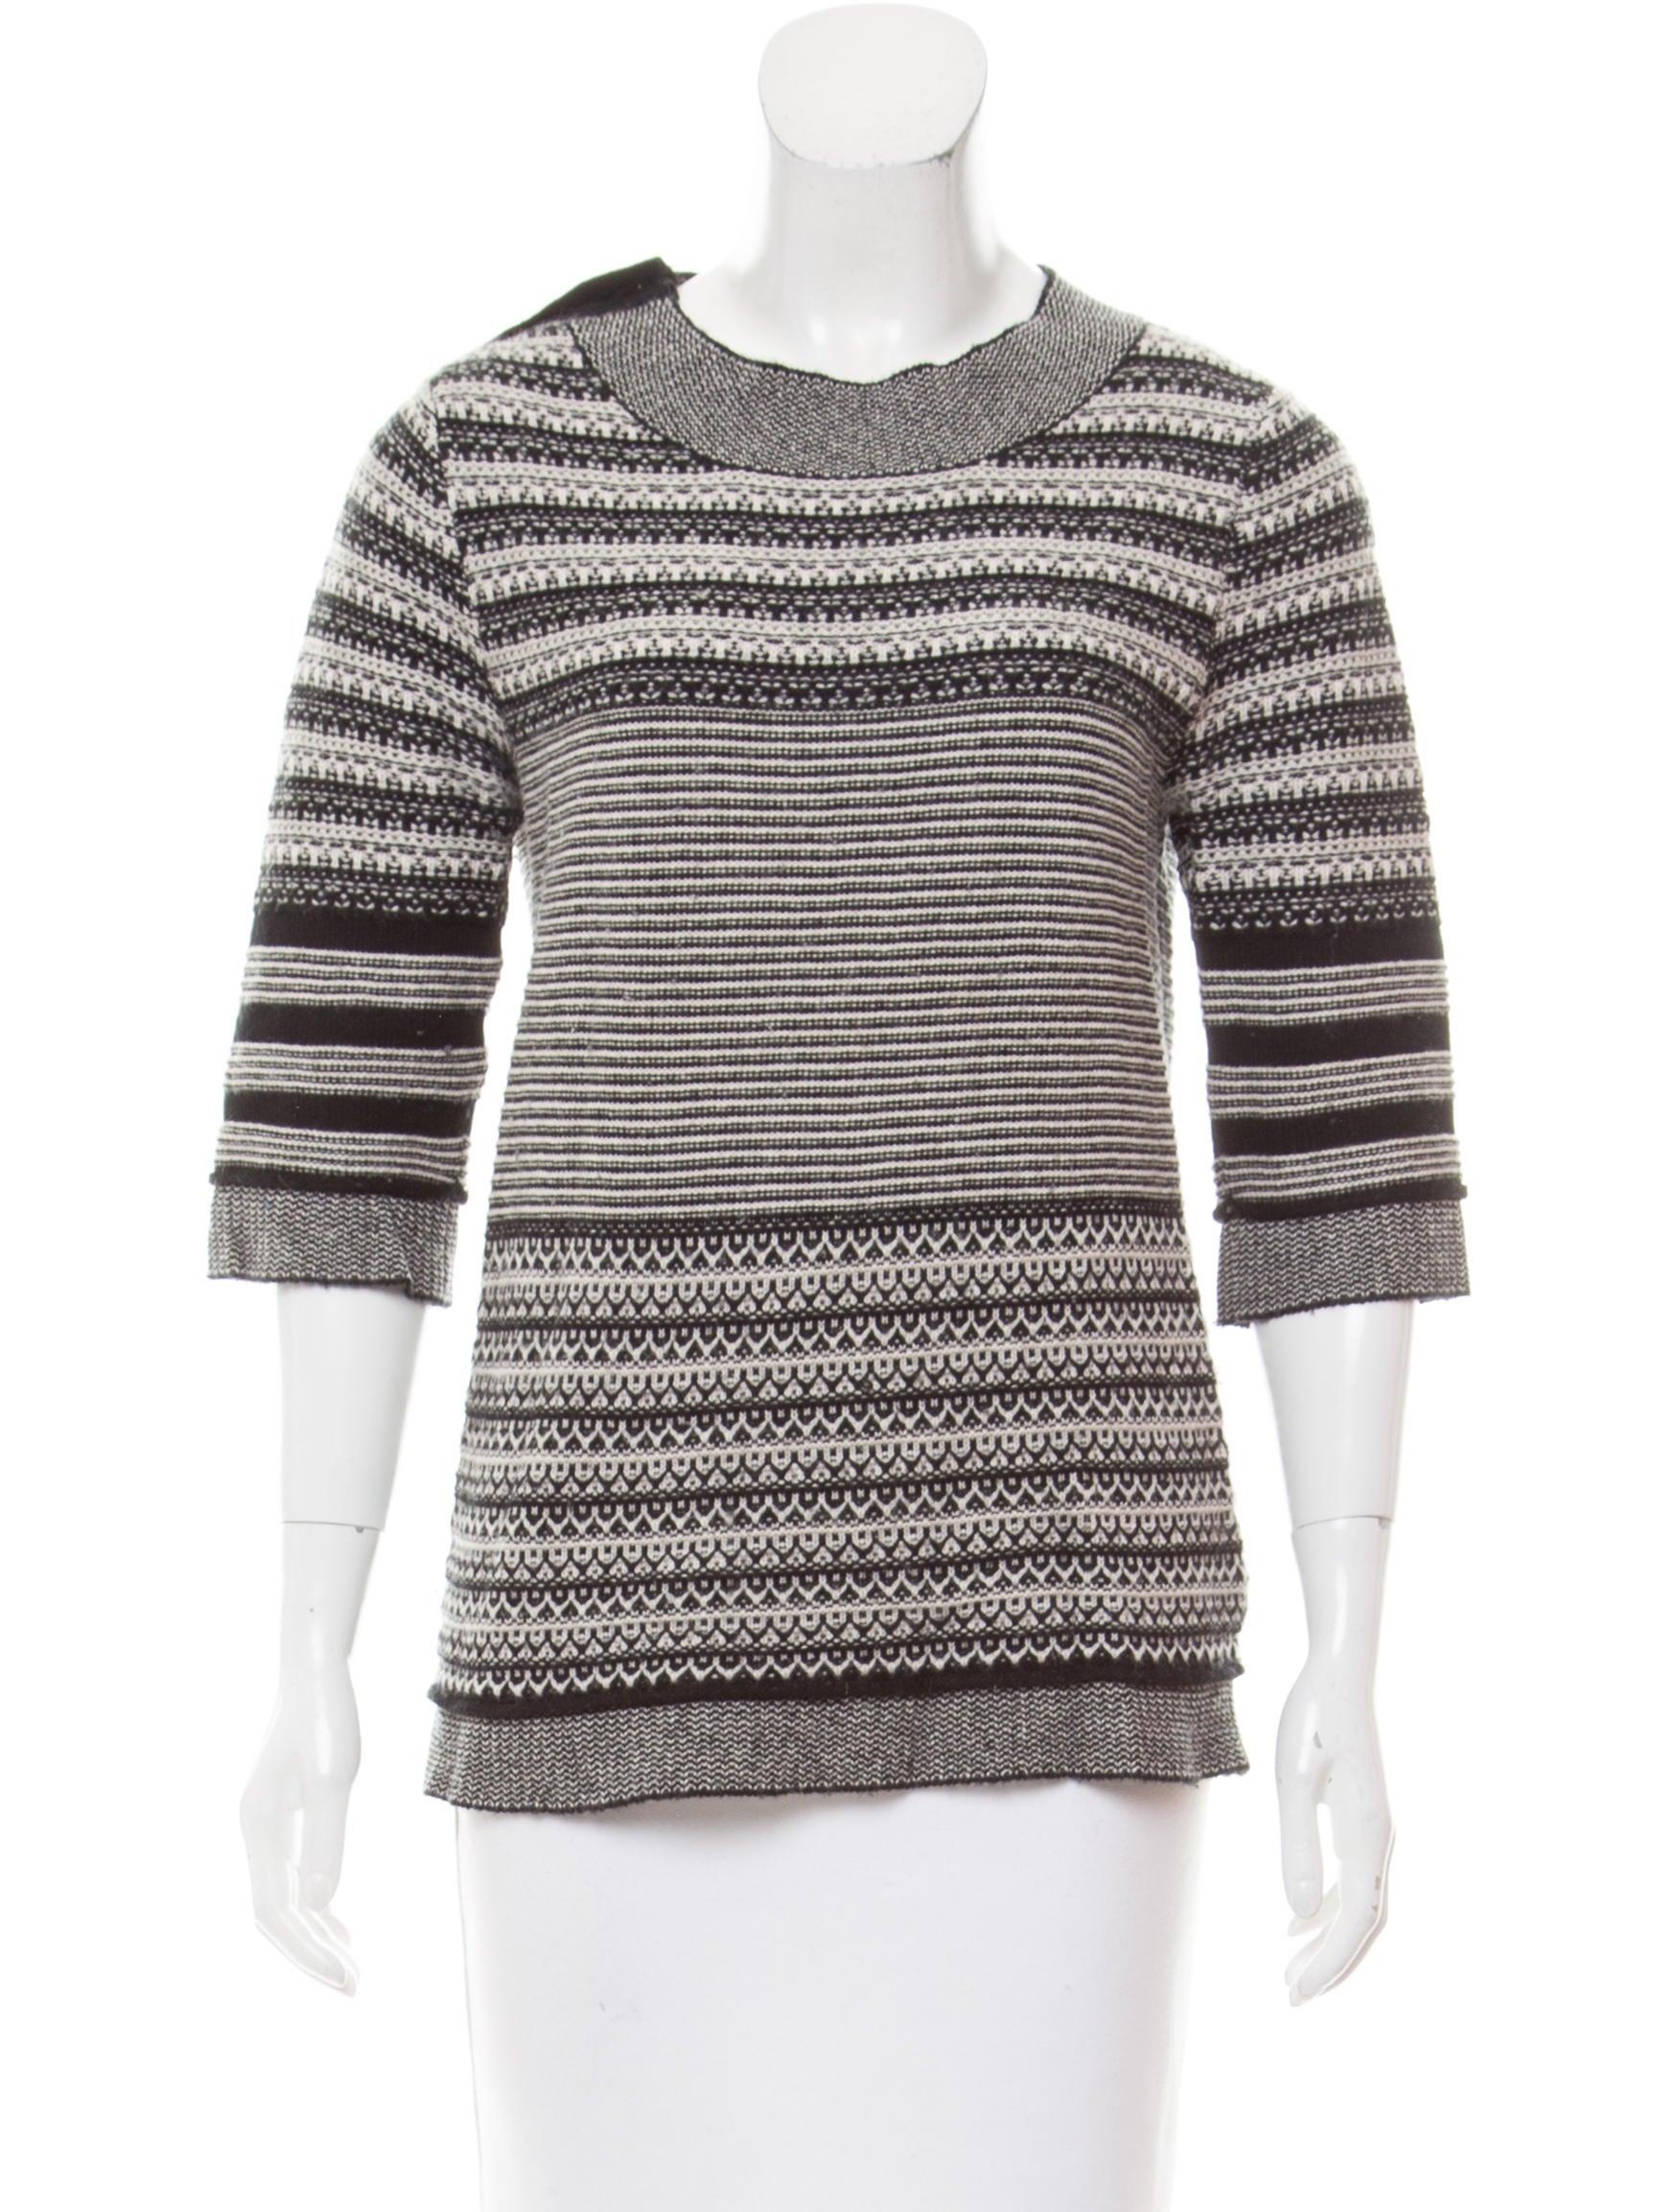 Lela Rose Patterned Cashmere Sweater - Clothing - LEL26294 | The ...